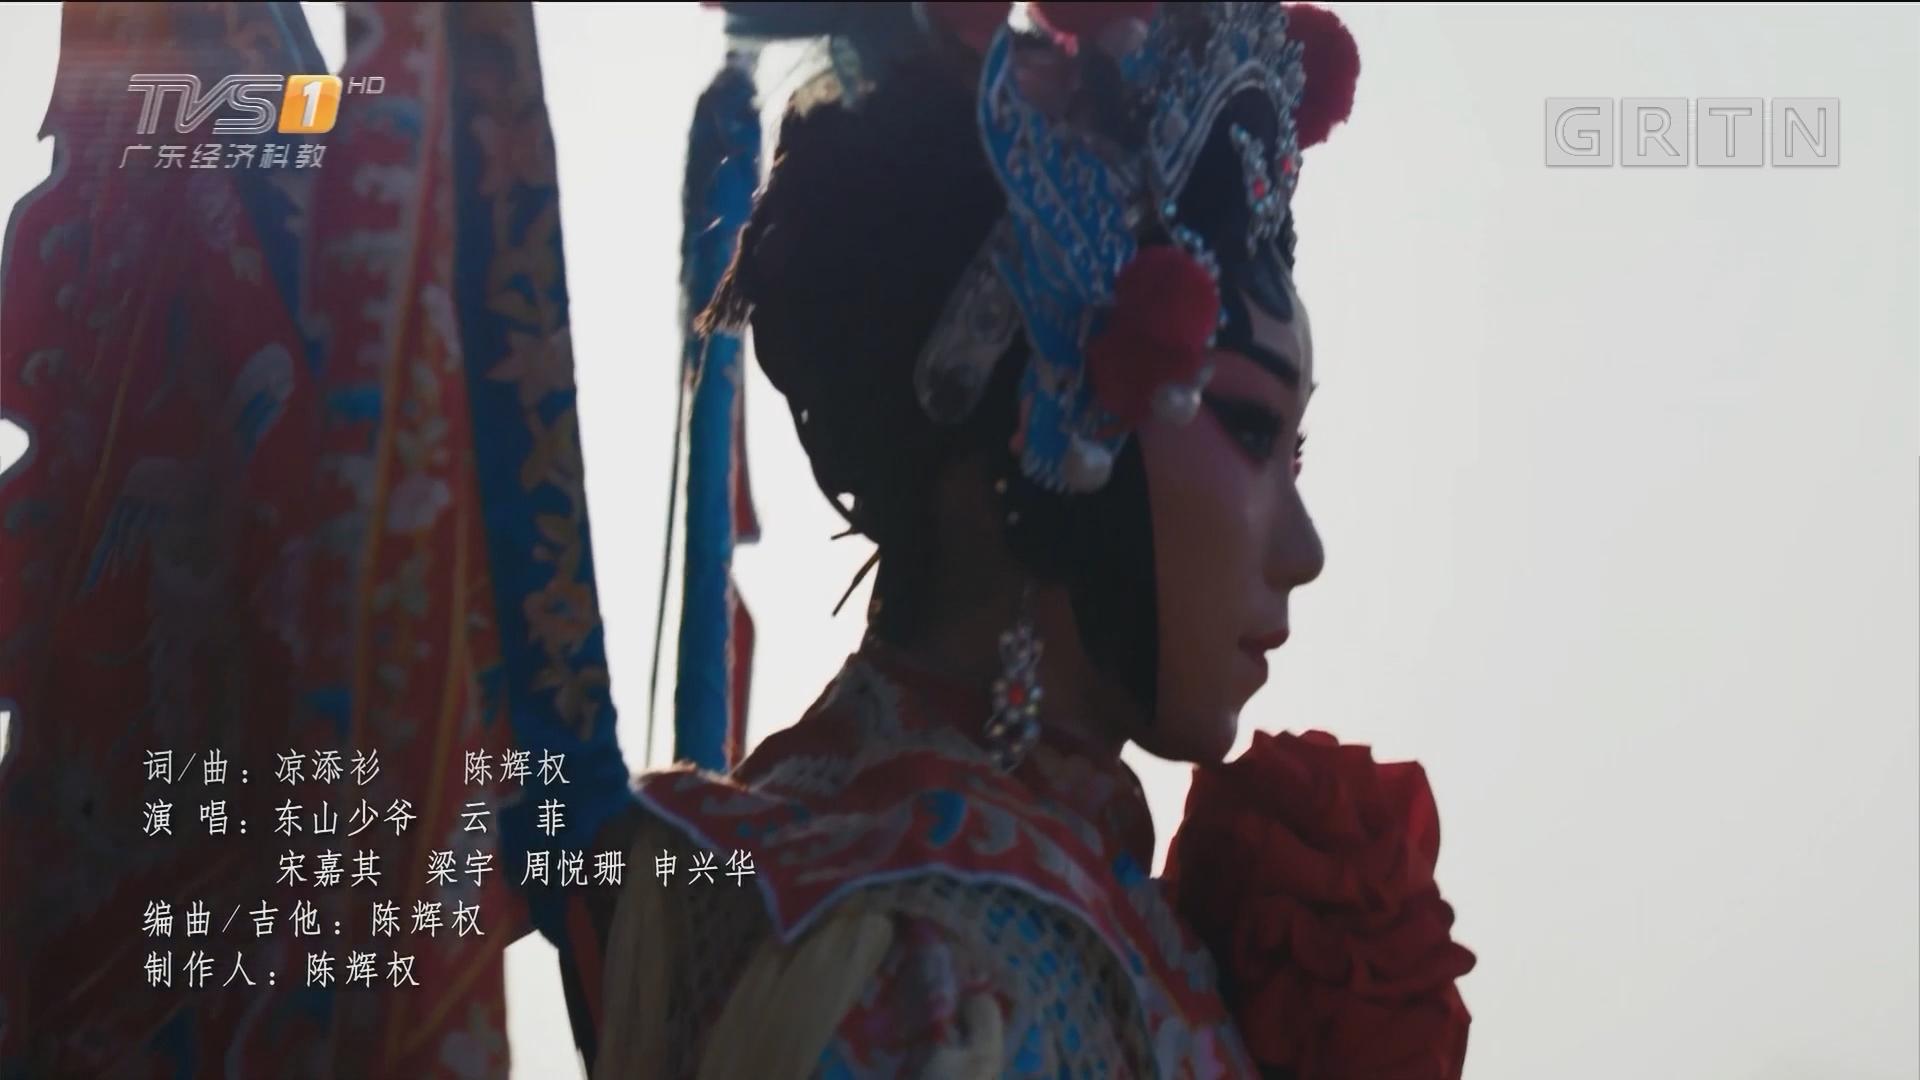 《砥砺奋进》MV首发 粤味十足